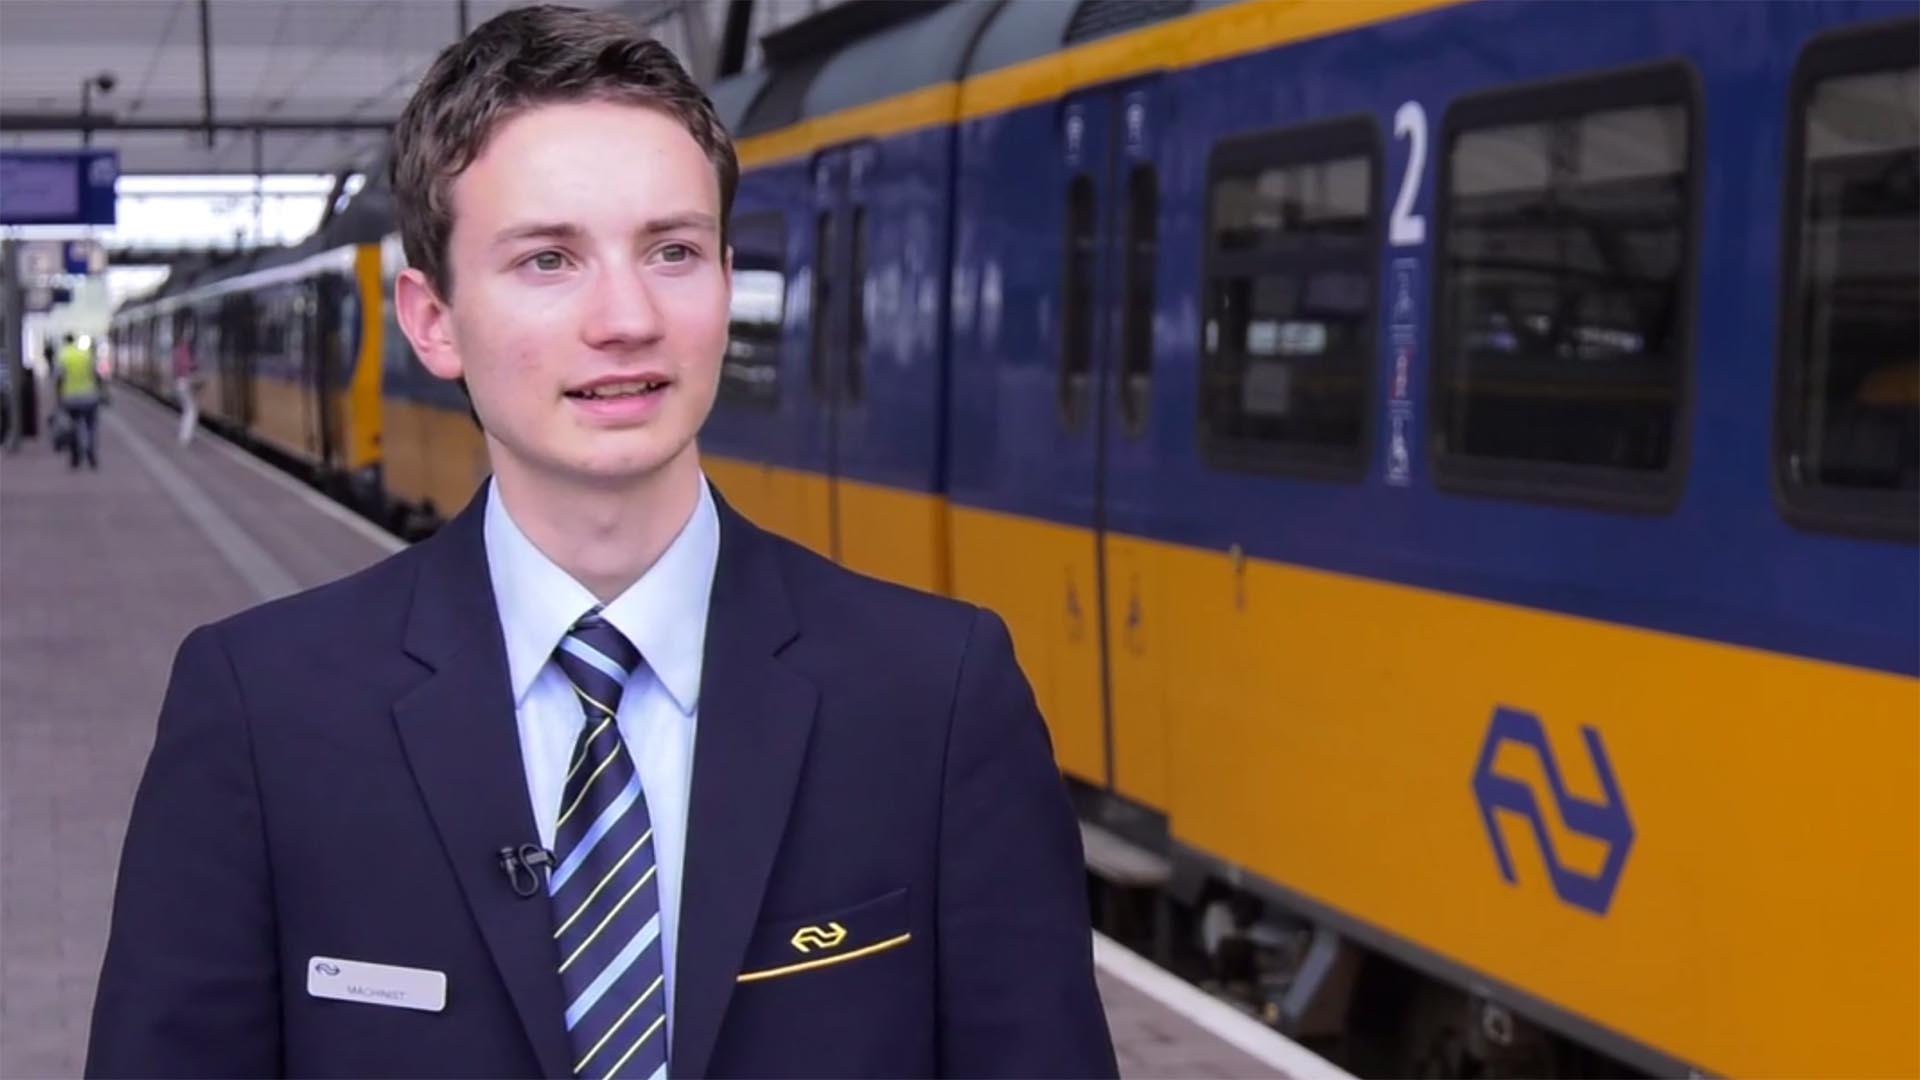 De jongste machinist van Nederland